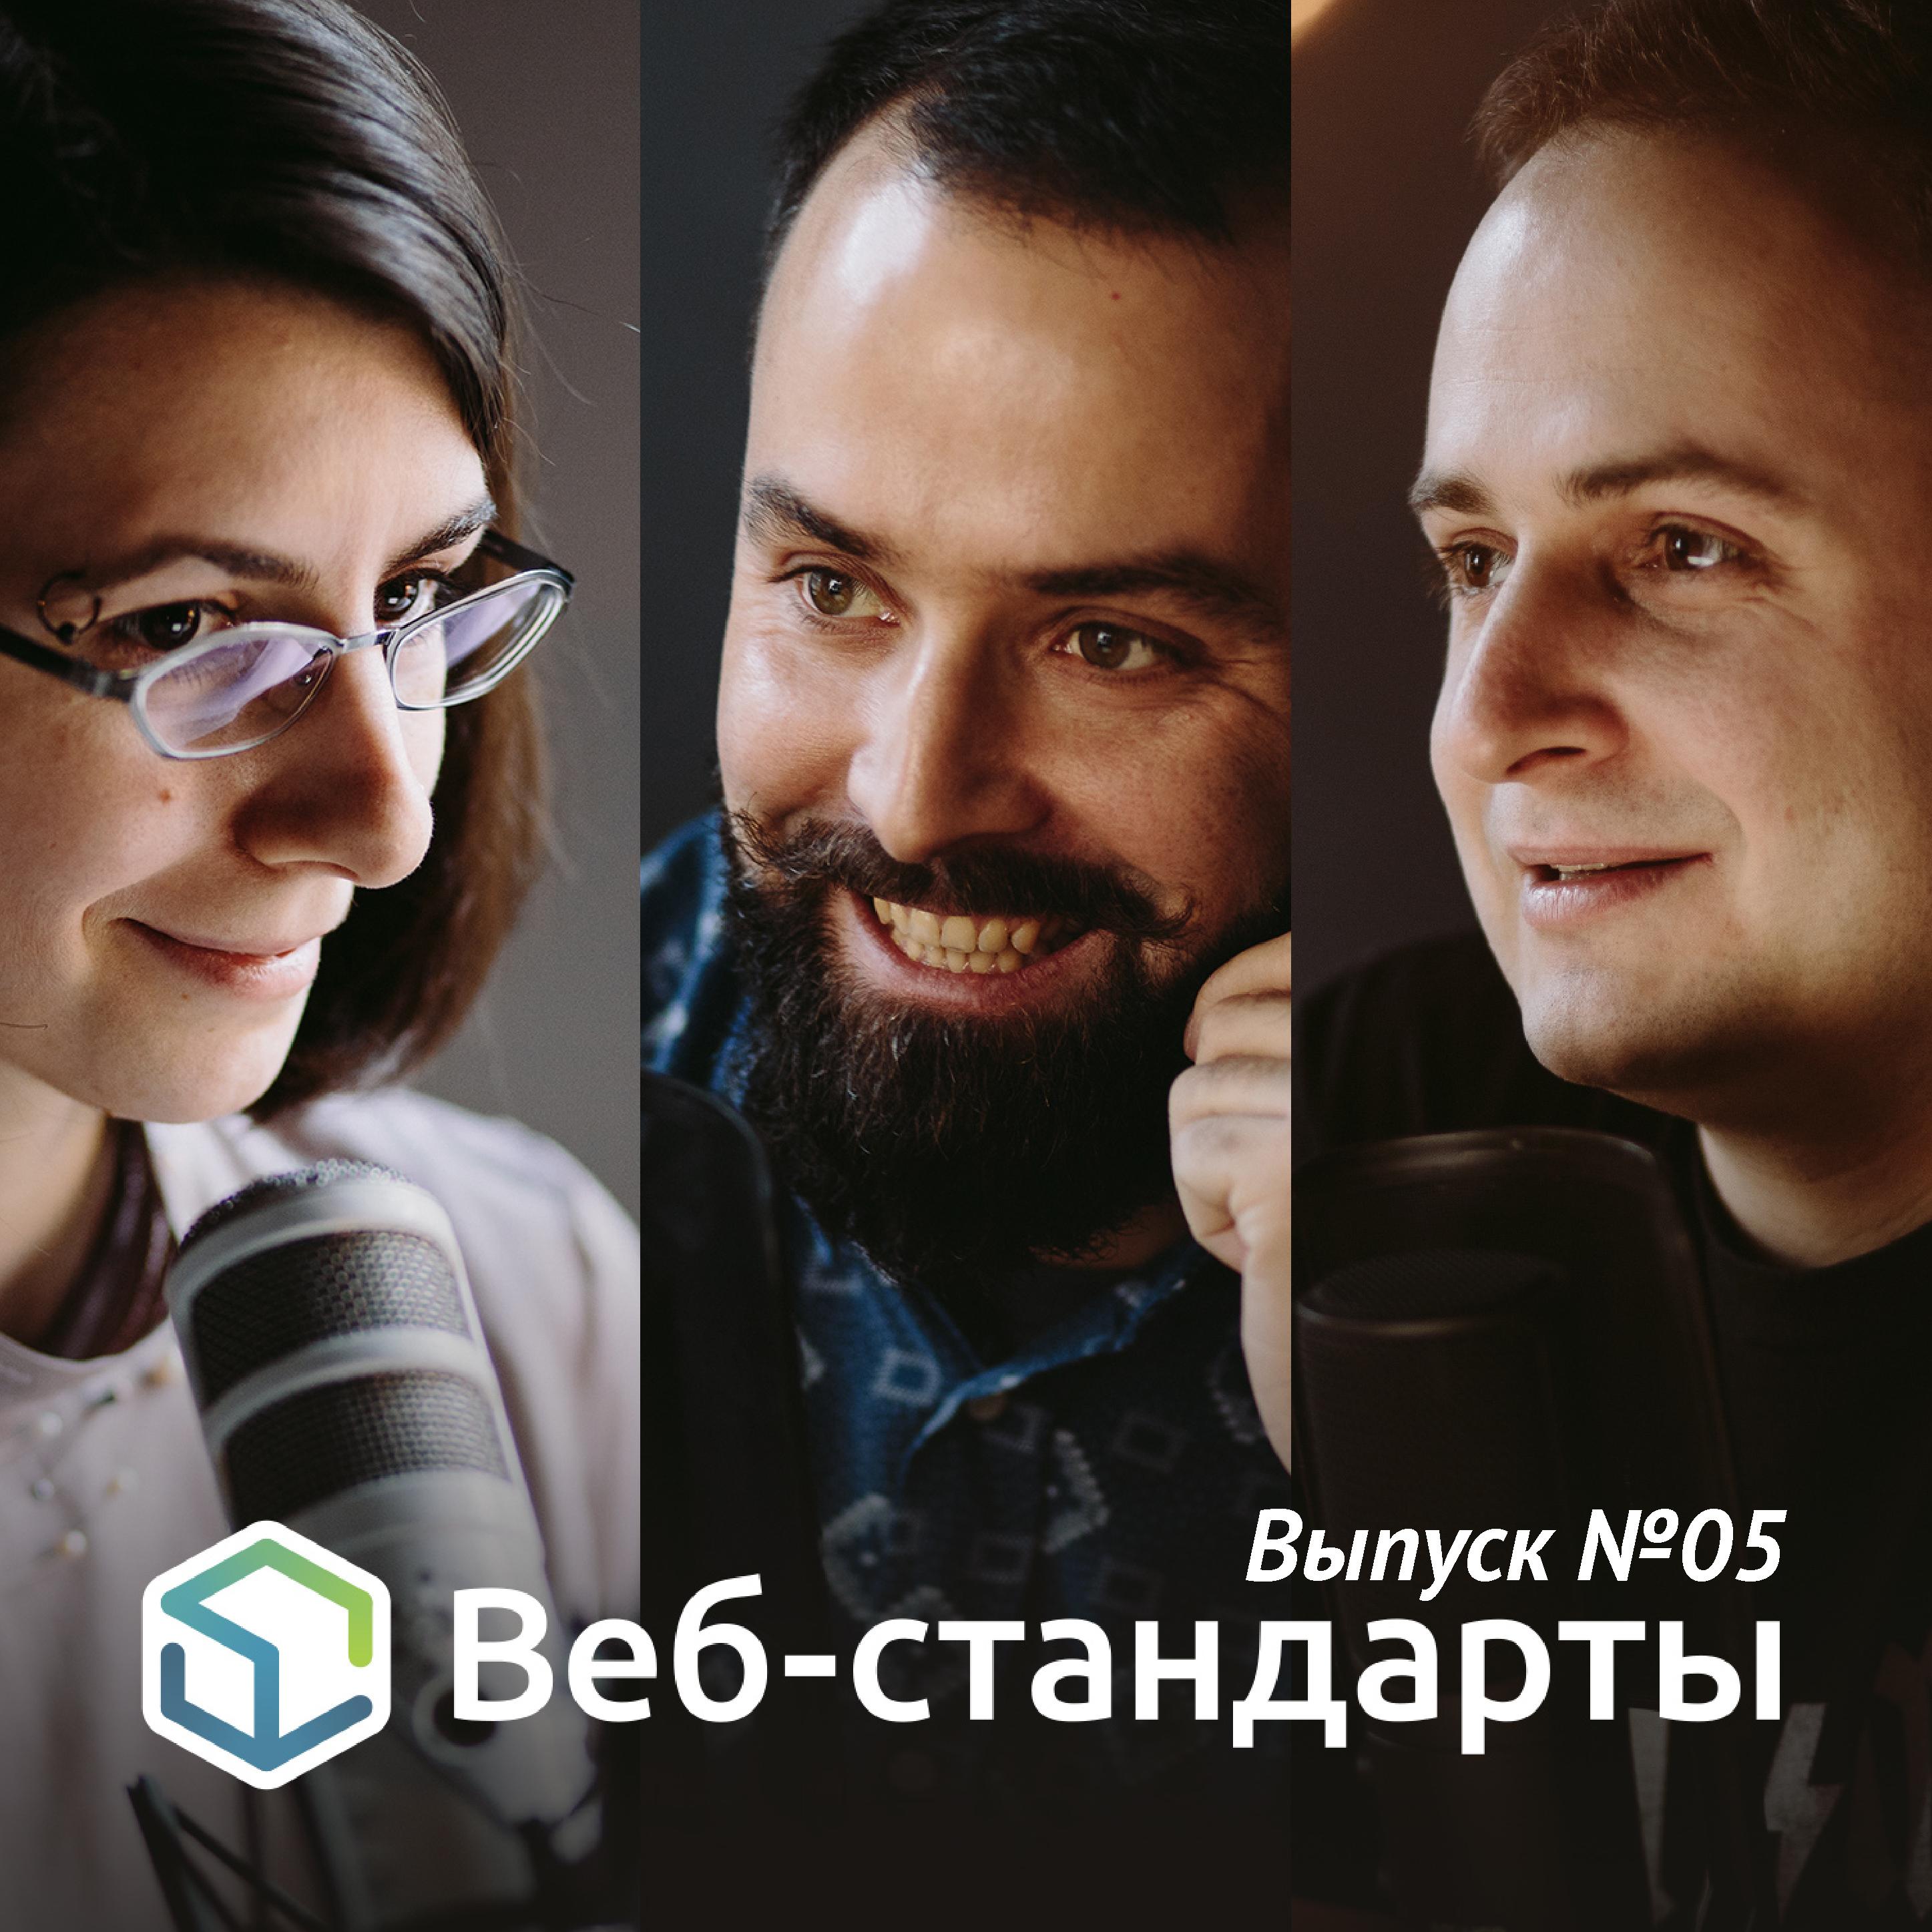 Алексей Симоненко Выпуск №05 sass page 6